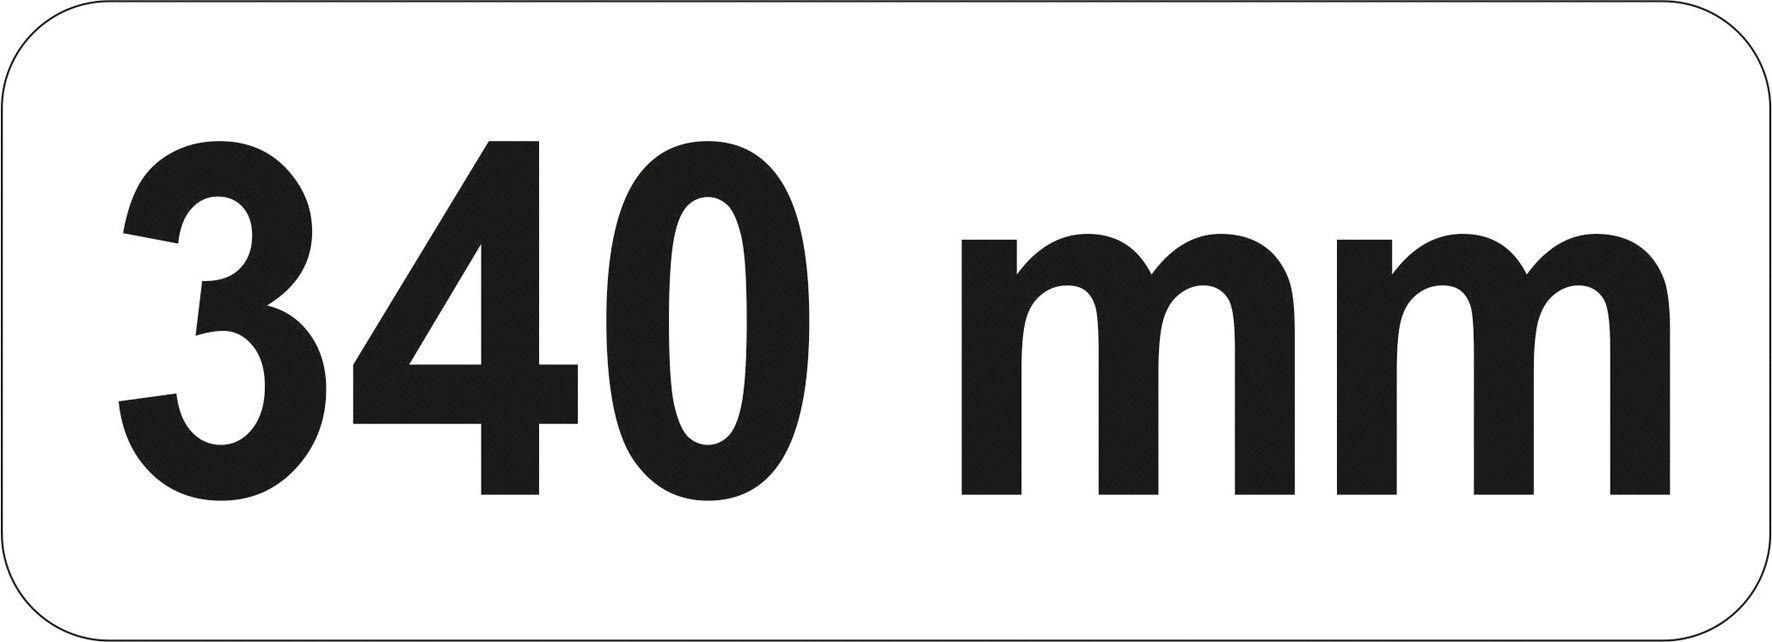 Lopatka sázecí 340 mm chrom